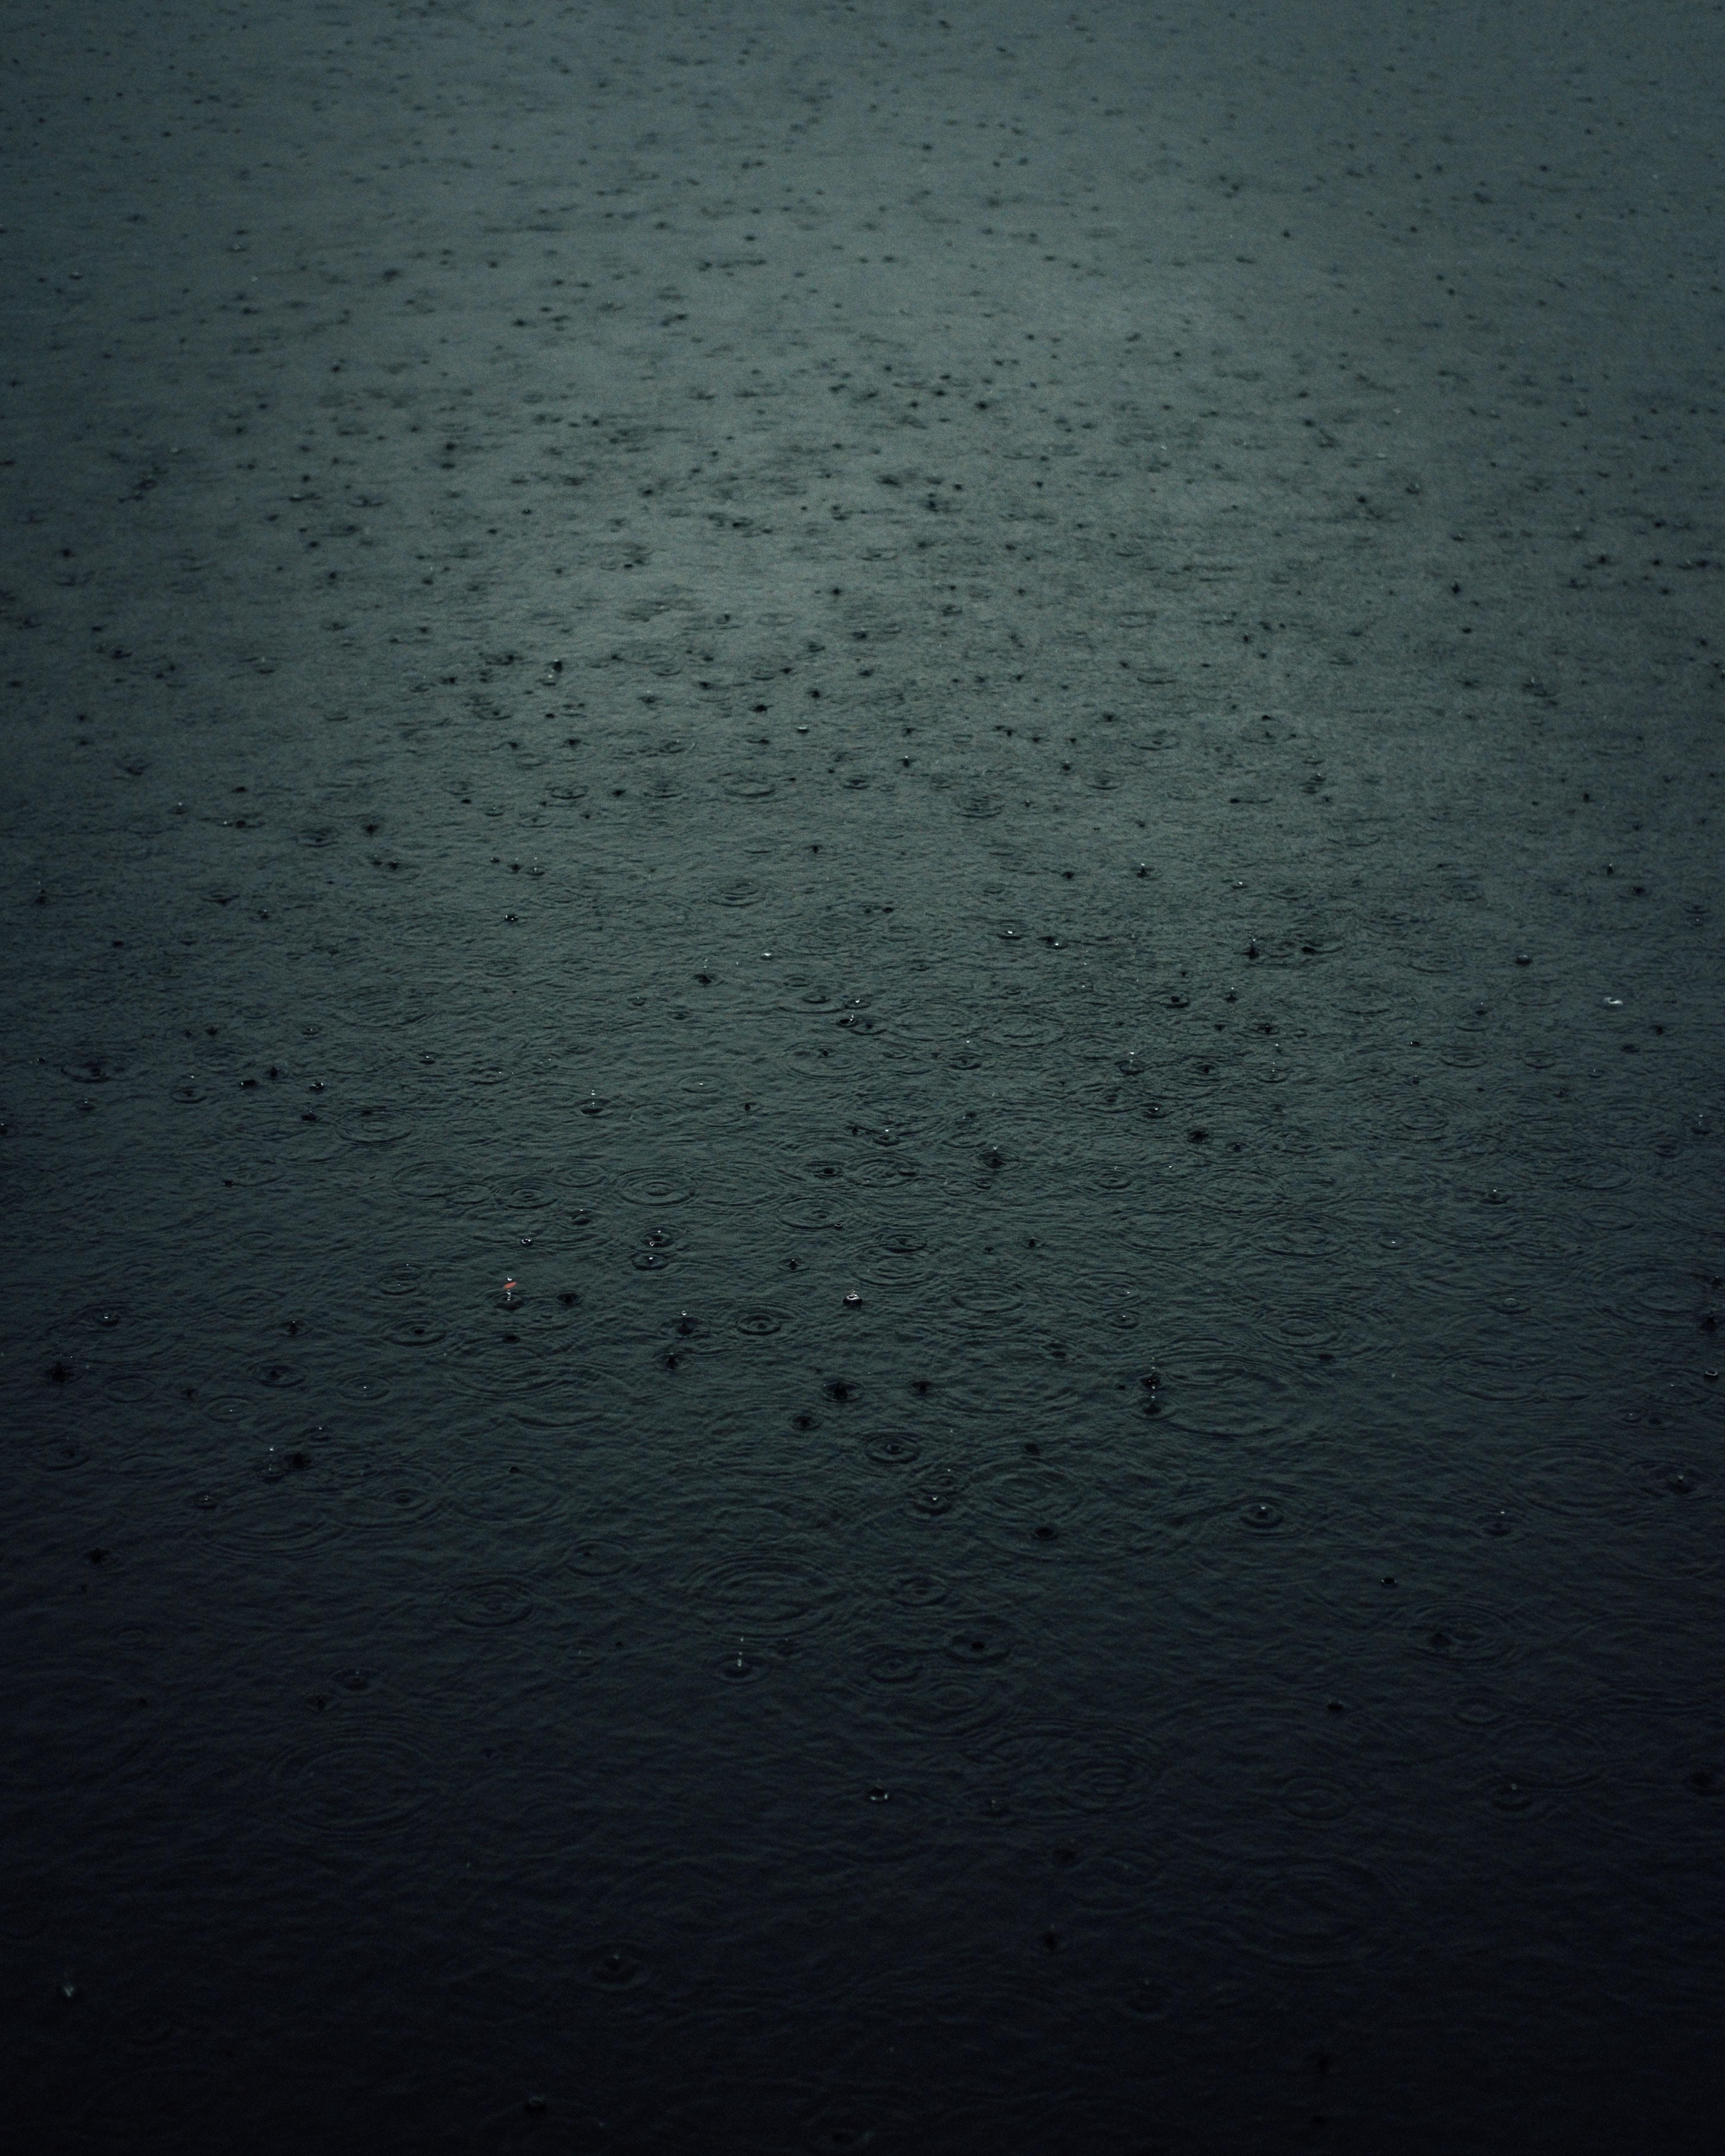 156742 скачать обои Темные, Дождь, Капли, Брызги, Темный - заставки и картинки бесплатно